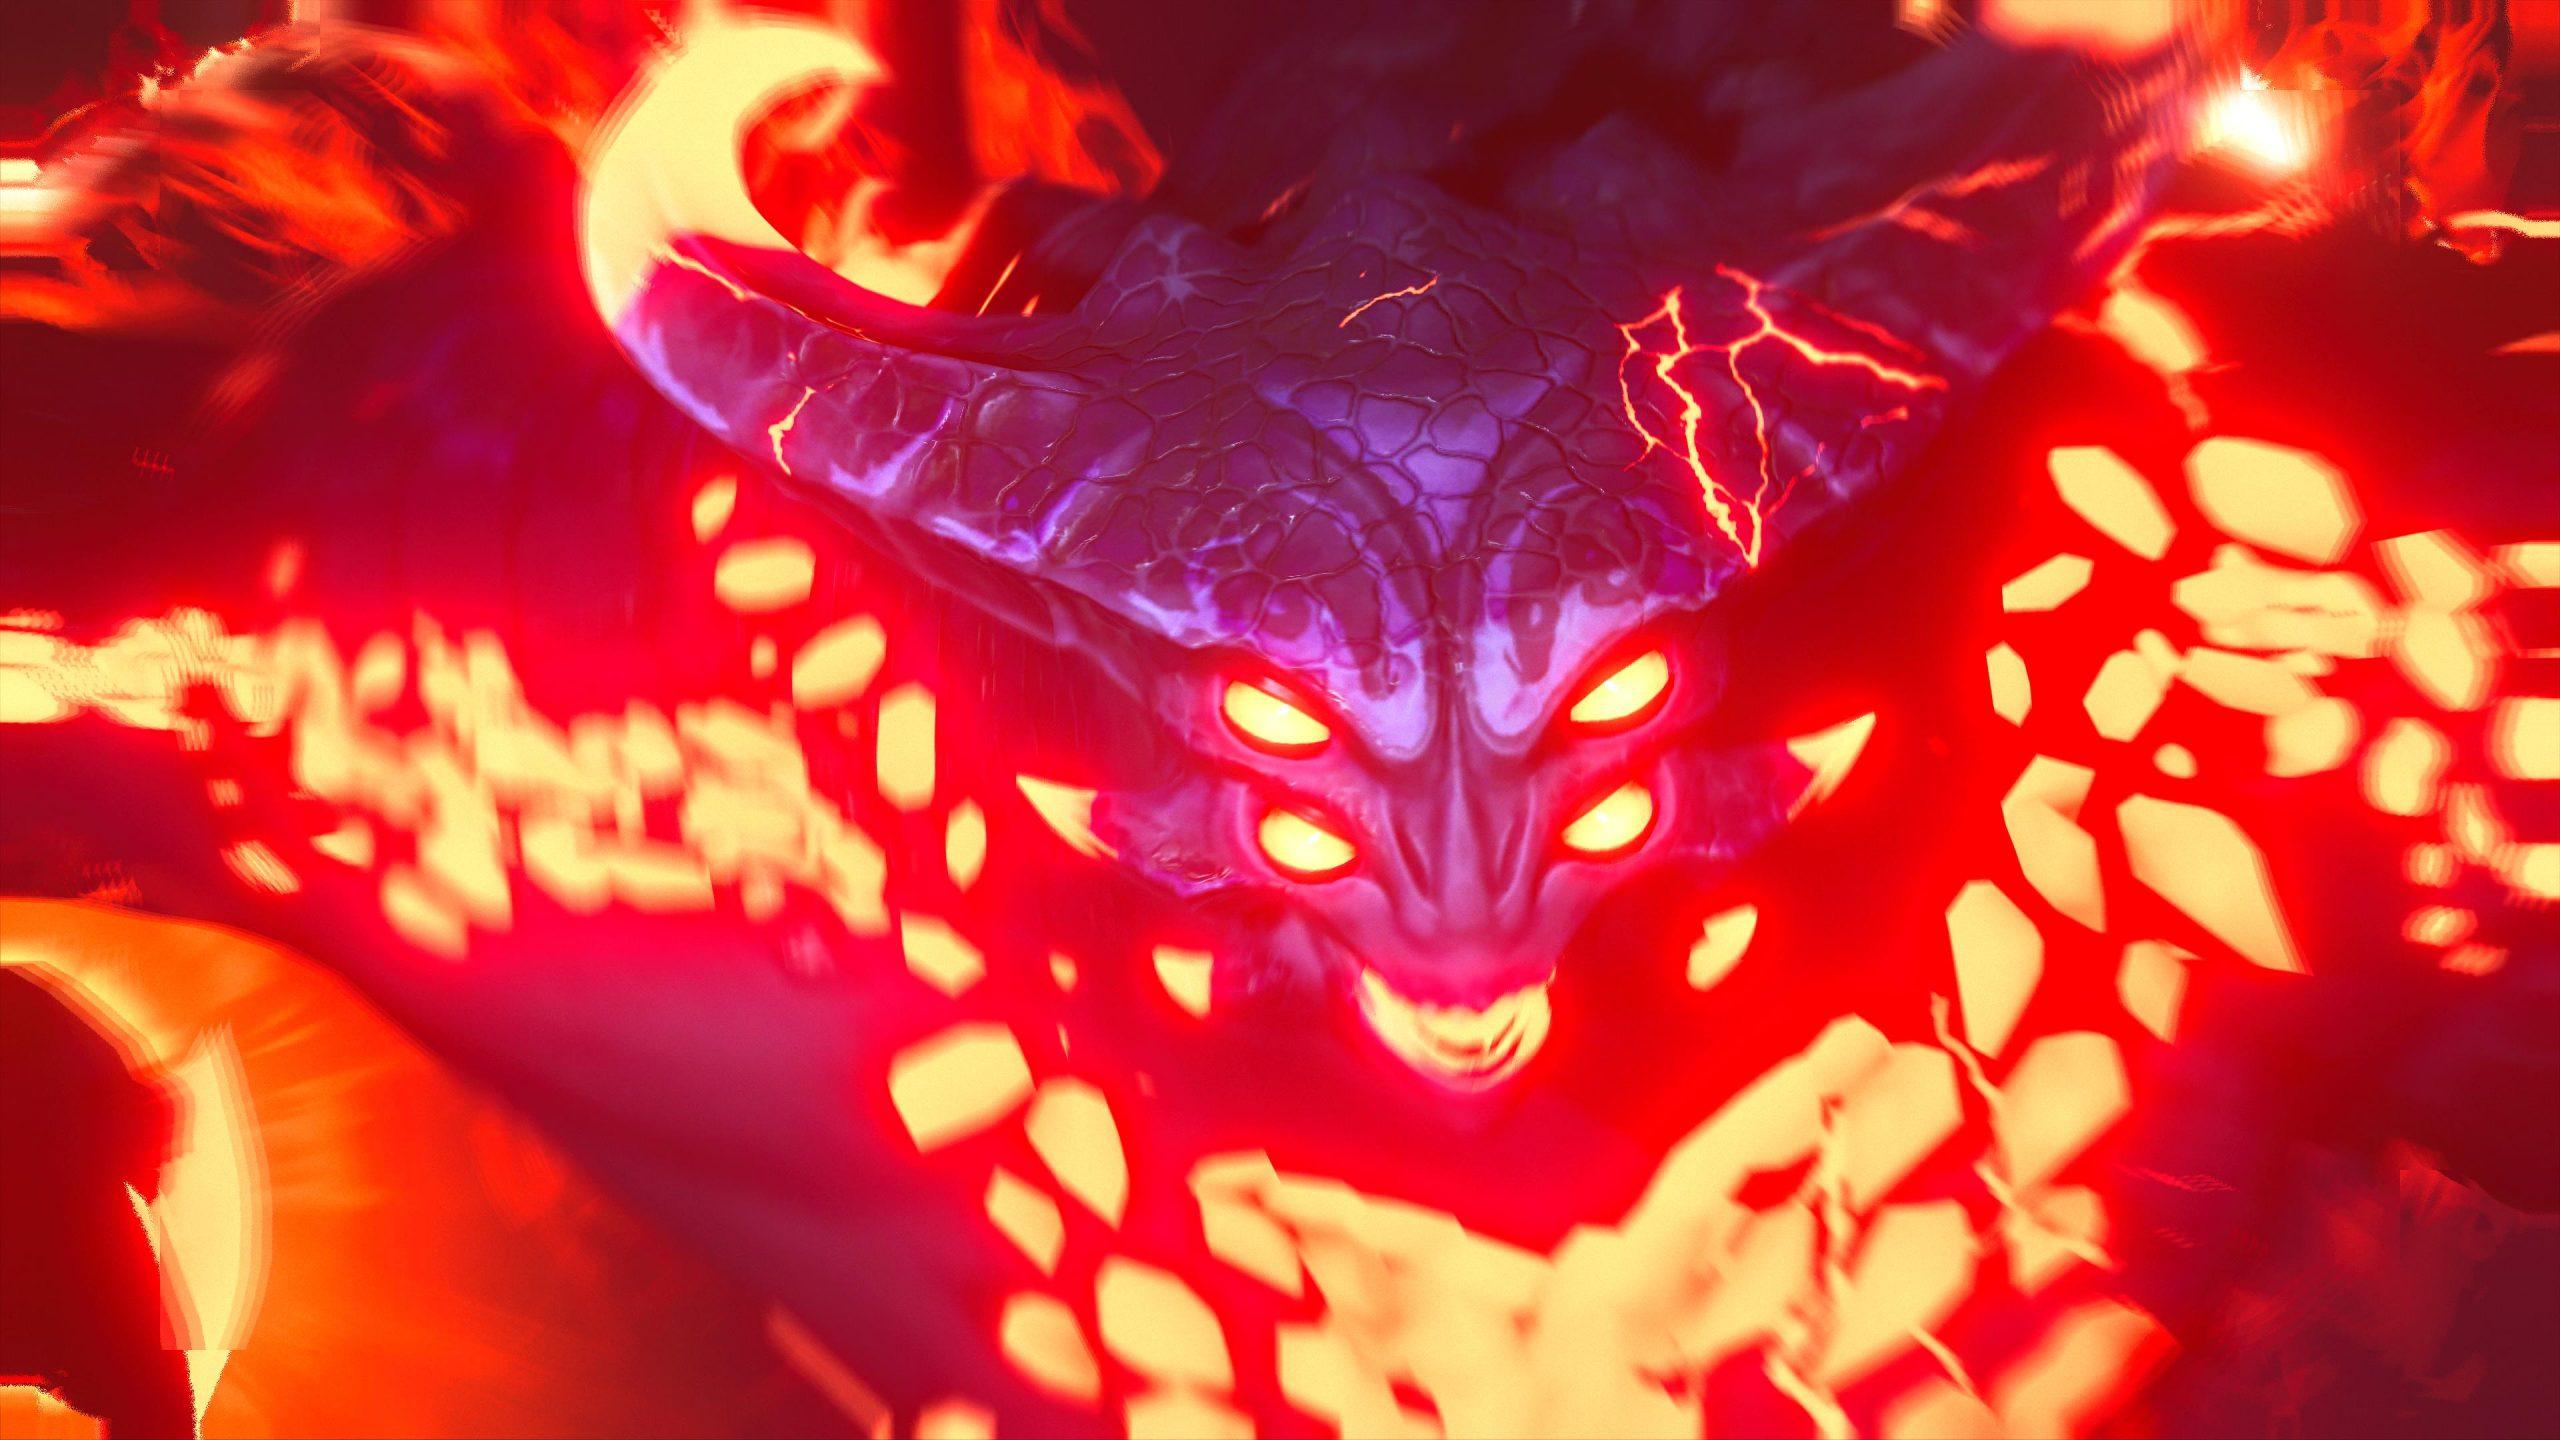 Typhon (een enorme Titaan die heerschappij probeert te verwerven over alle goden en mensen) is ontsnapt.